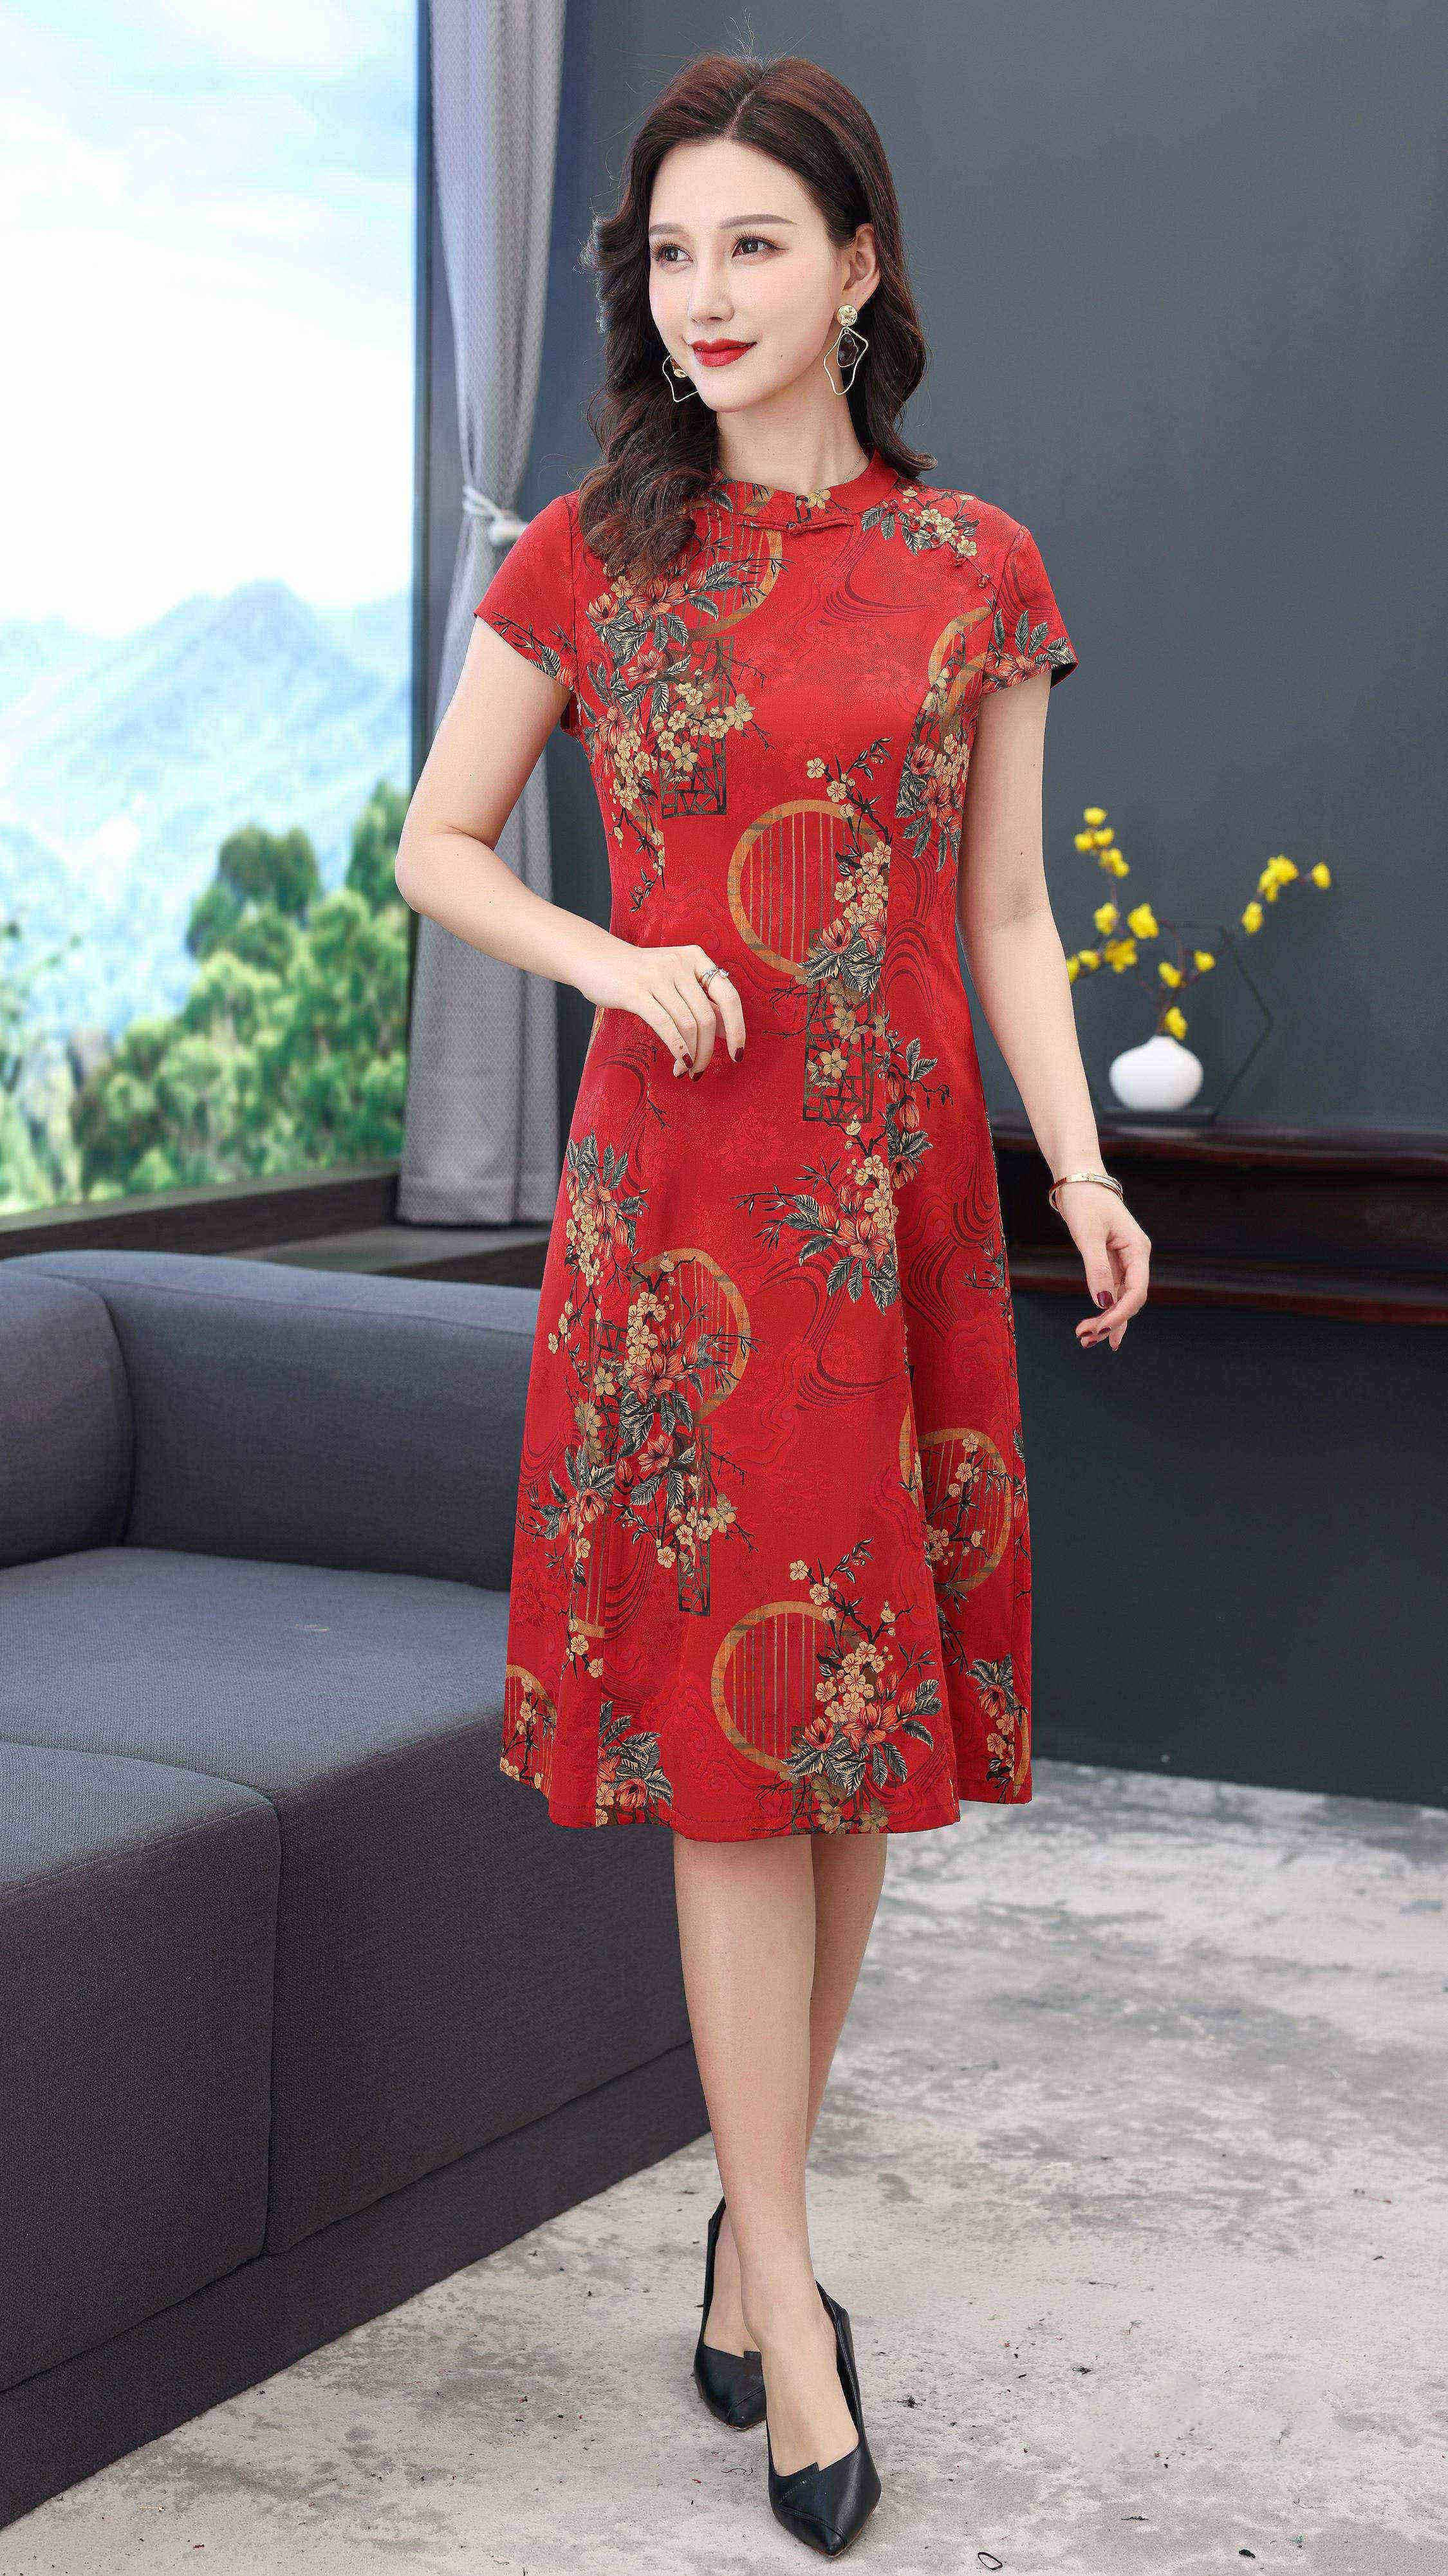 川美 桑蚕丝旗袍领气质连衣裙(短袖) 68887D 红